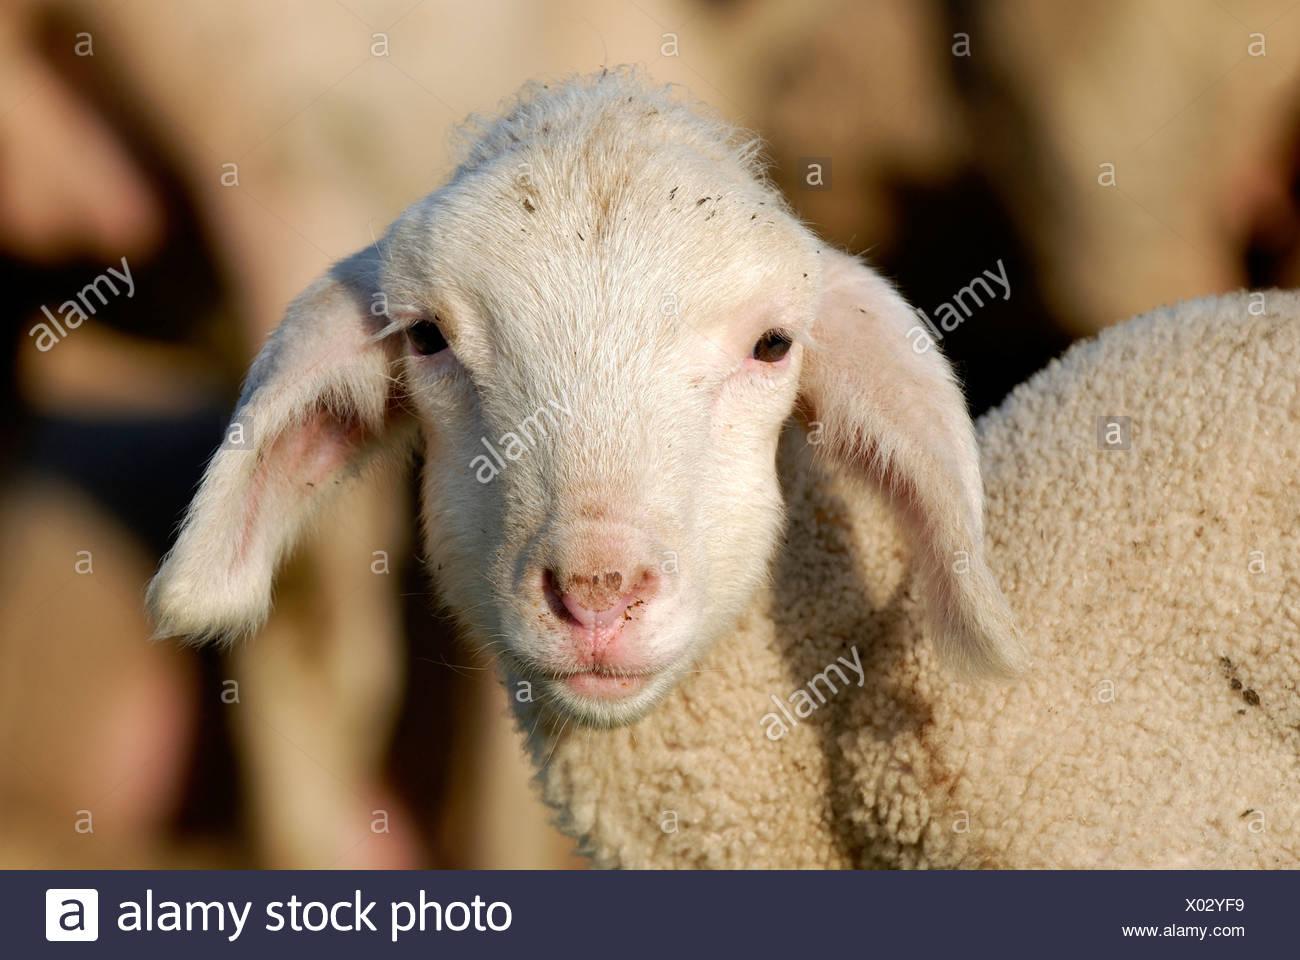 Lamb, Merino Sheep - Stock Image